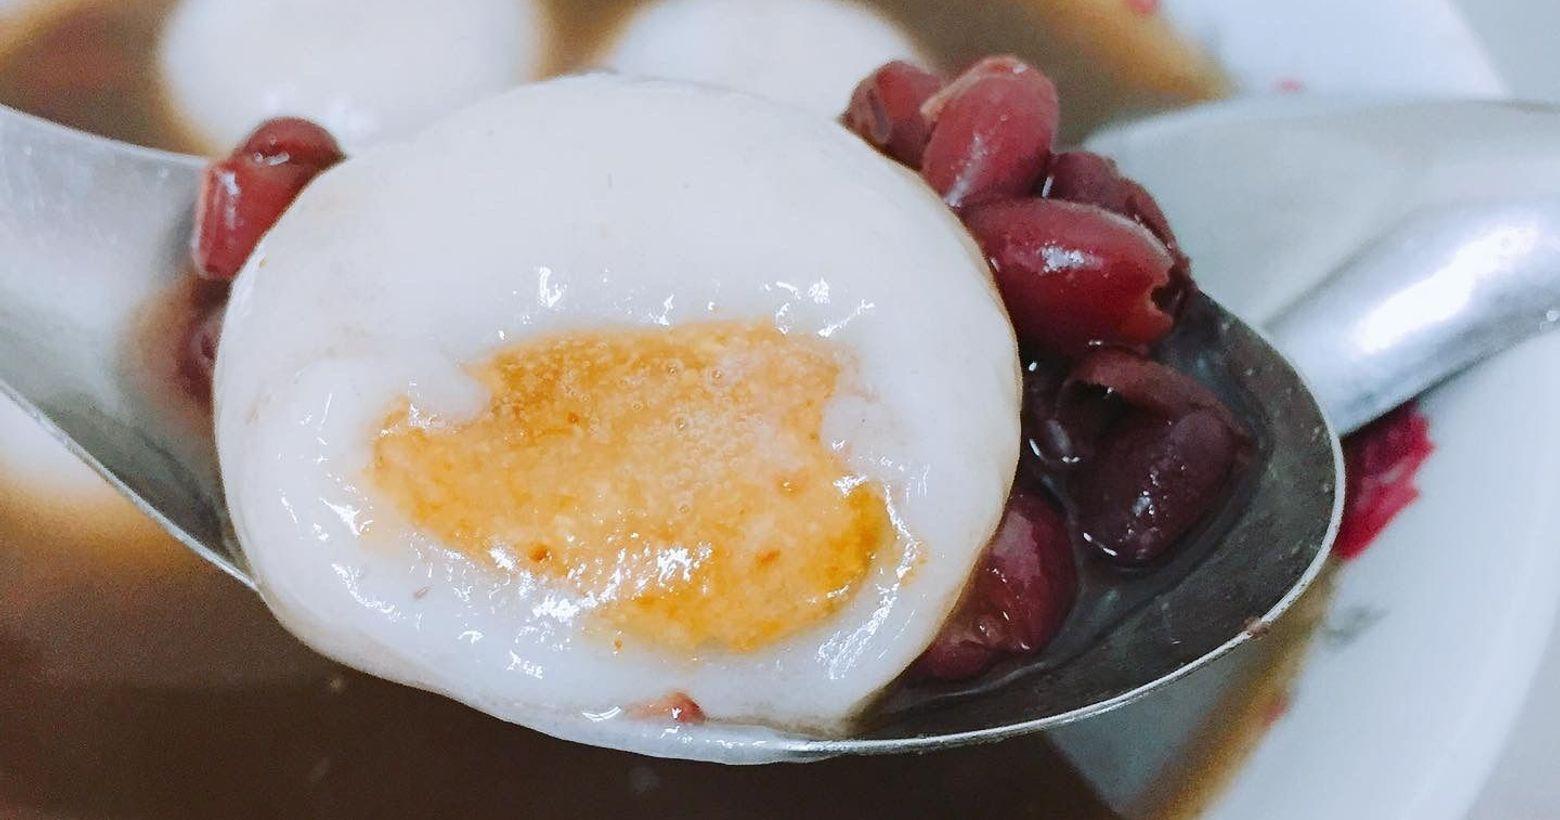 台北 南機場夜市最夯最大顆的八棟湯圓🥣冬天的時候來一碗熱呼呼的湯圓最能補寒了過年後馬上就要元宵節準